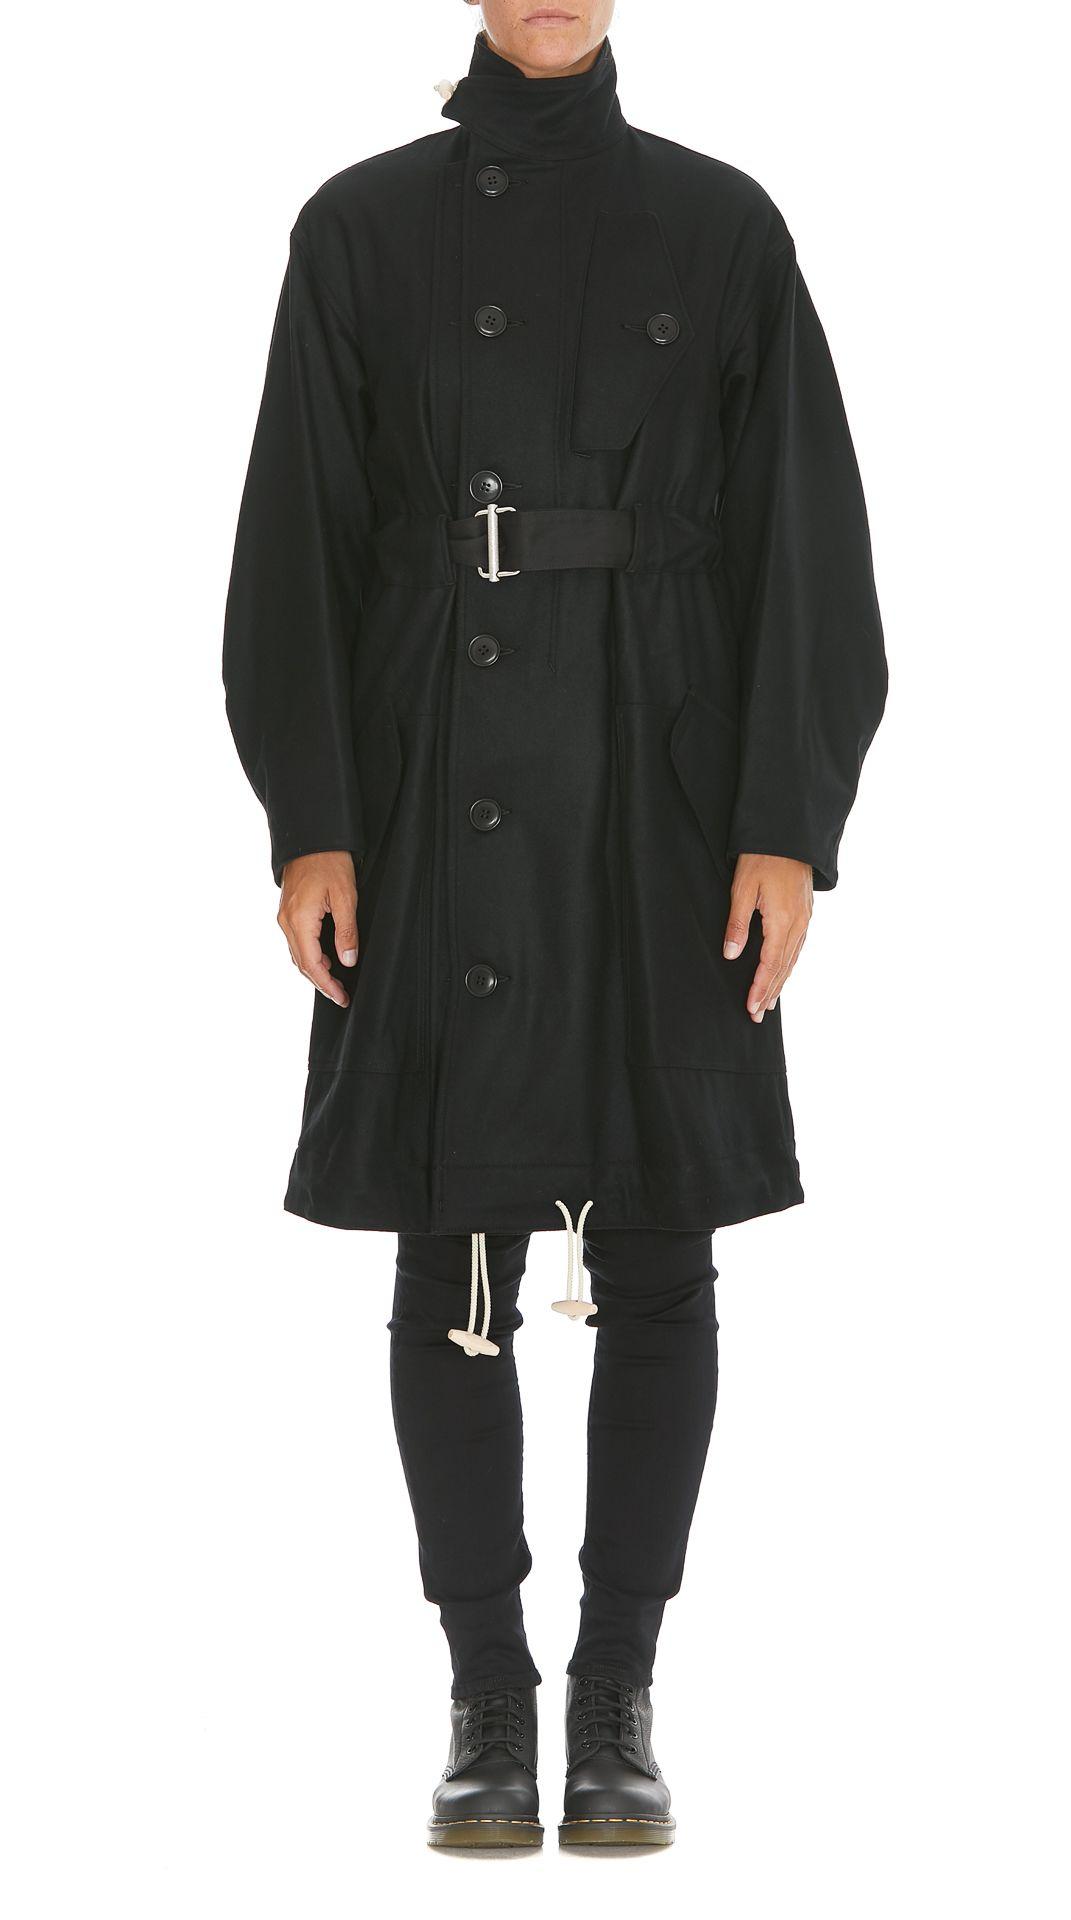 Ys Military Coat